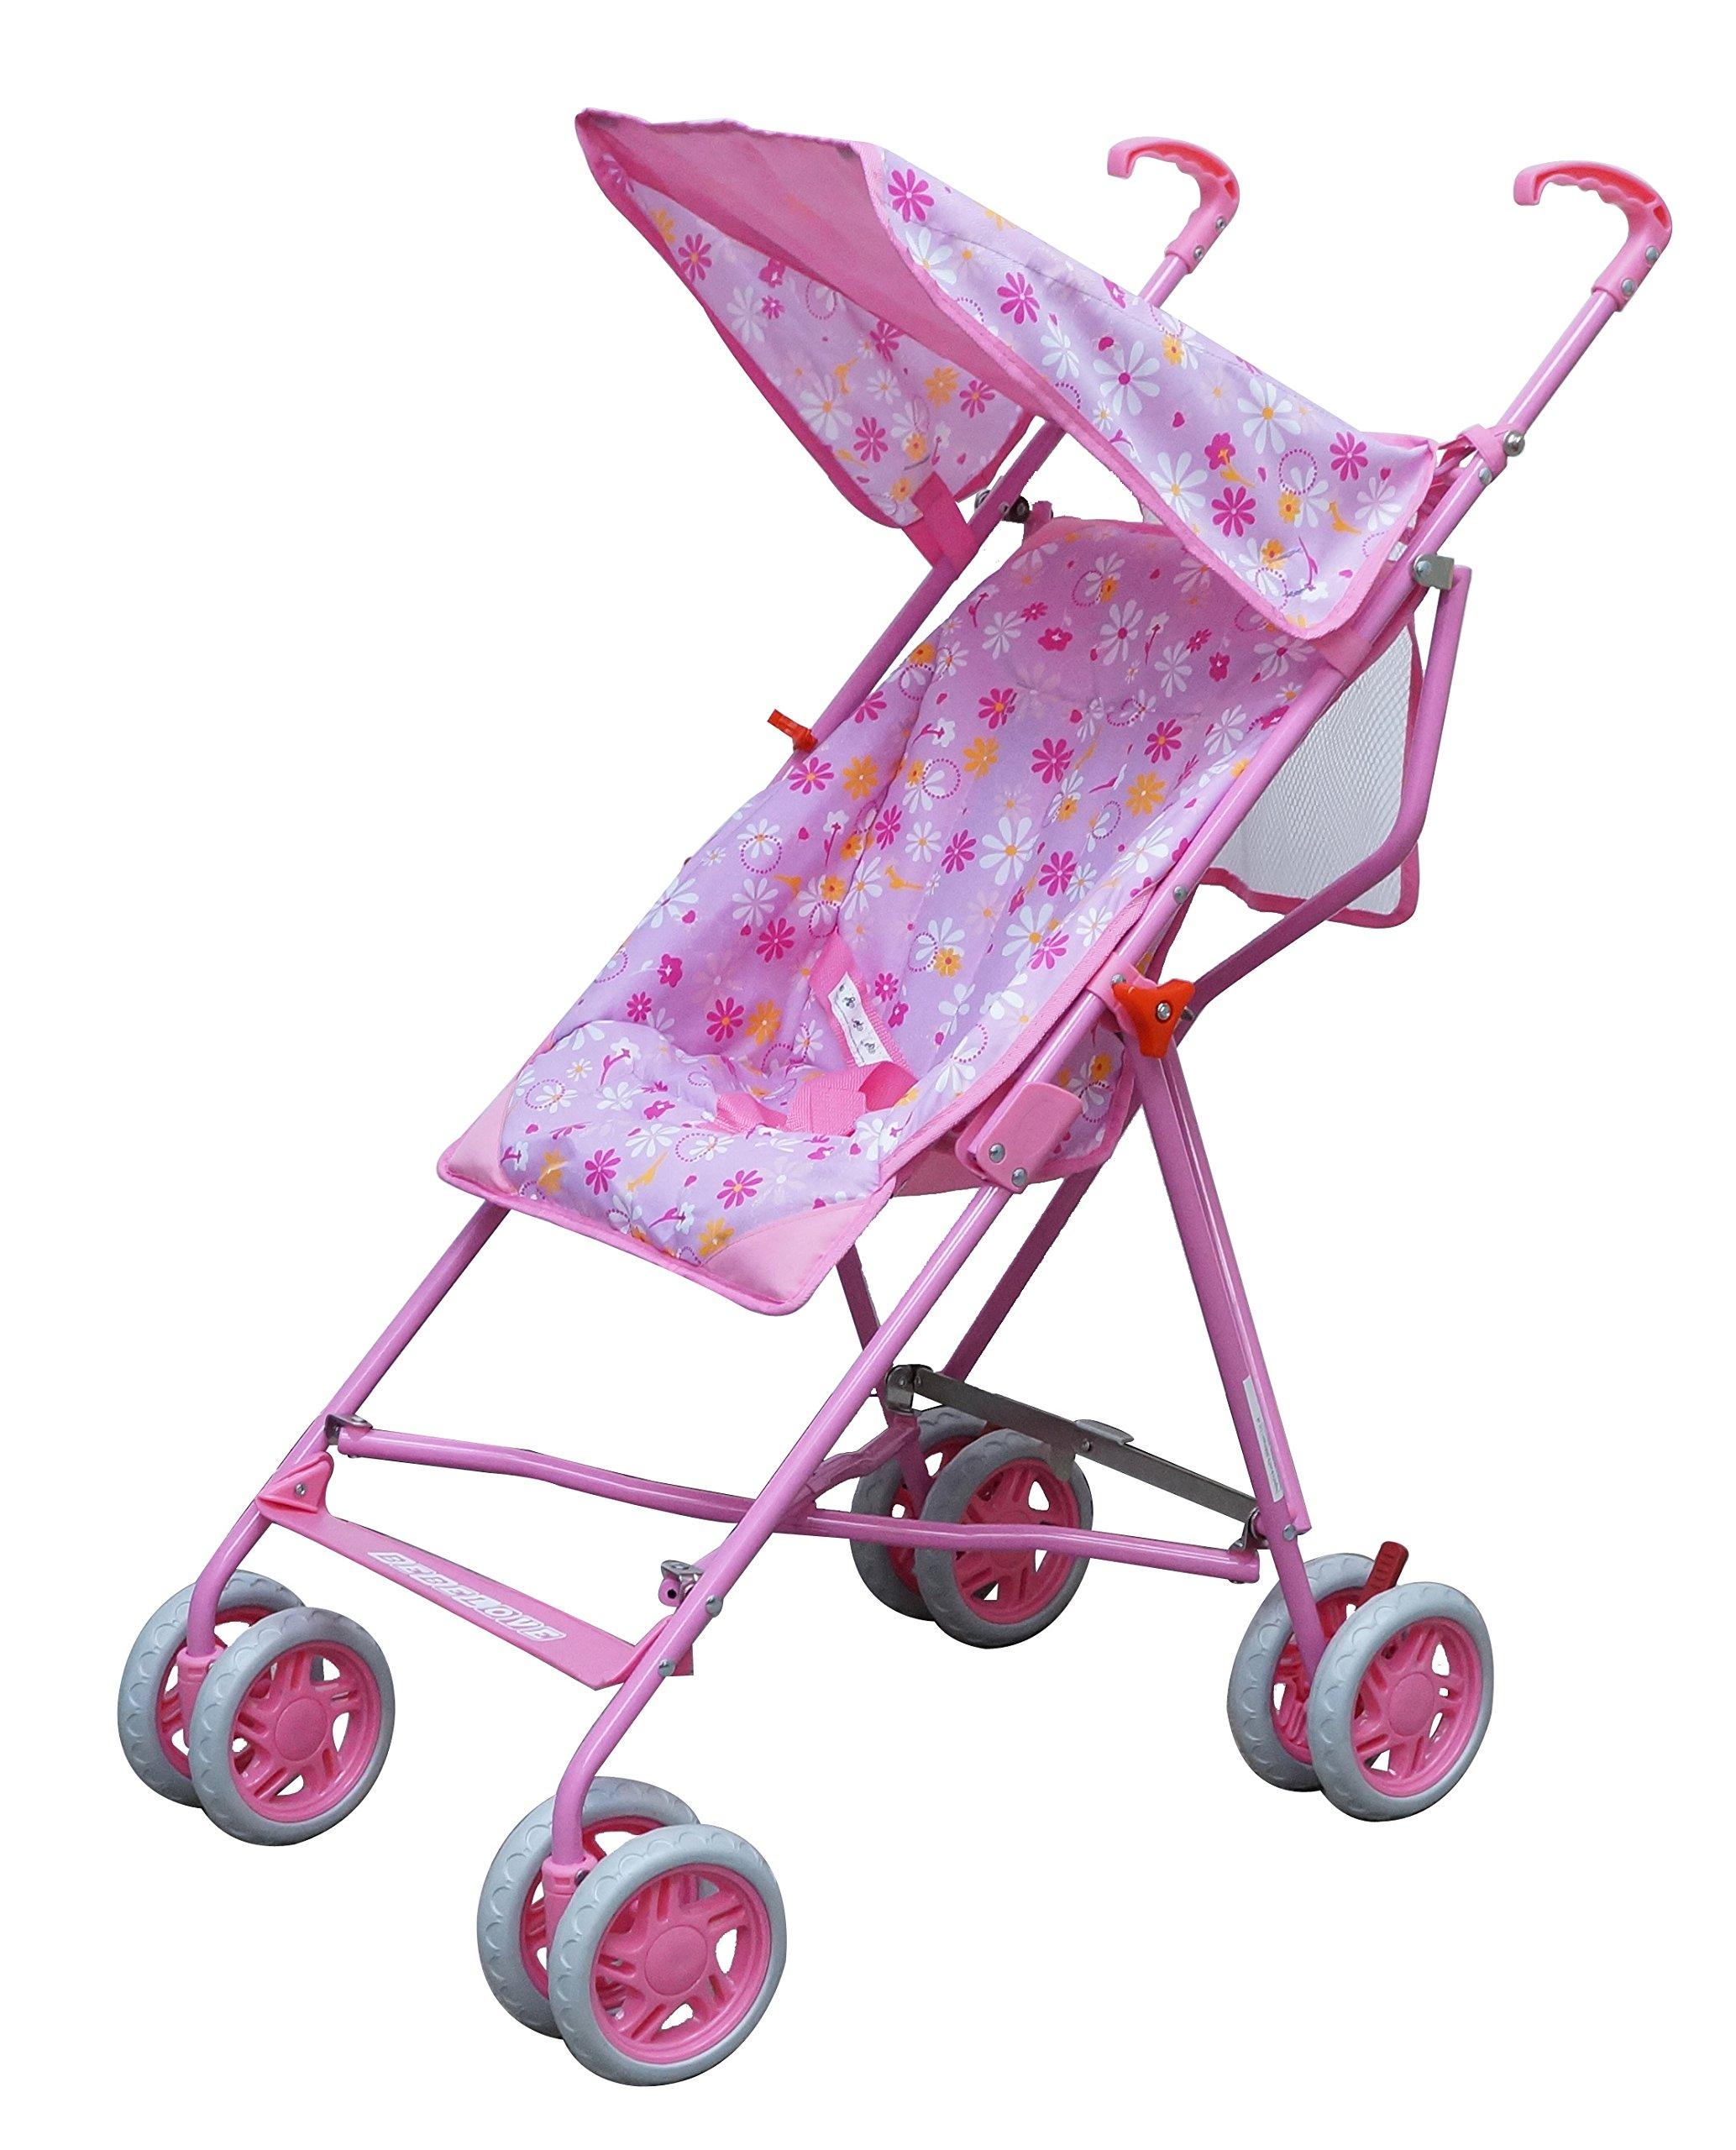 Single Umbrella Stroller with Tilt Back Seat Pink